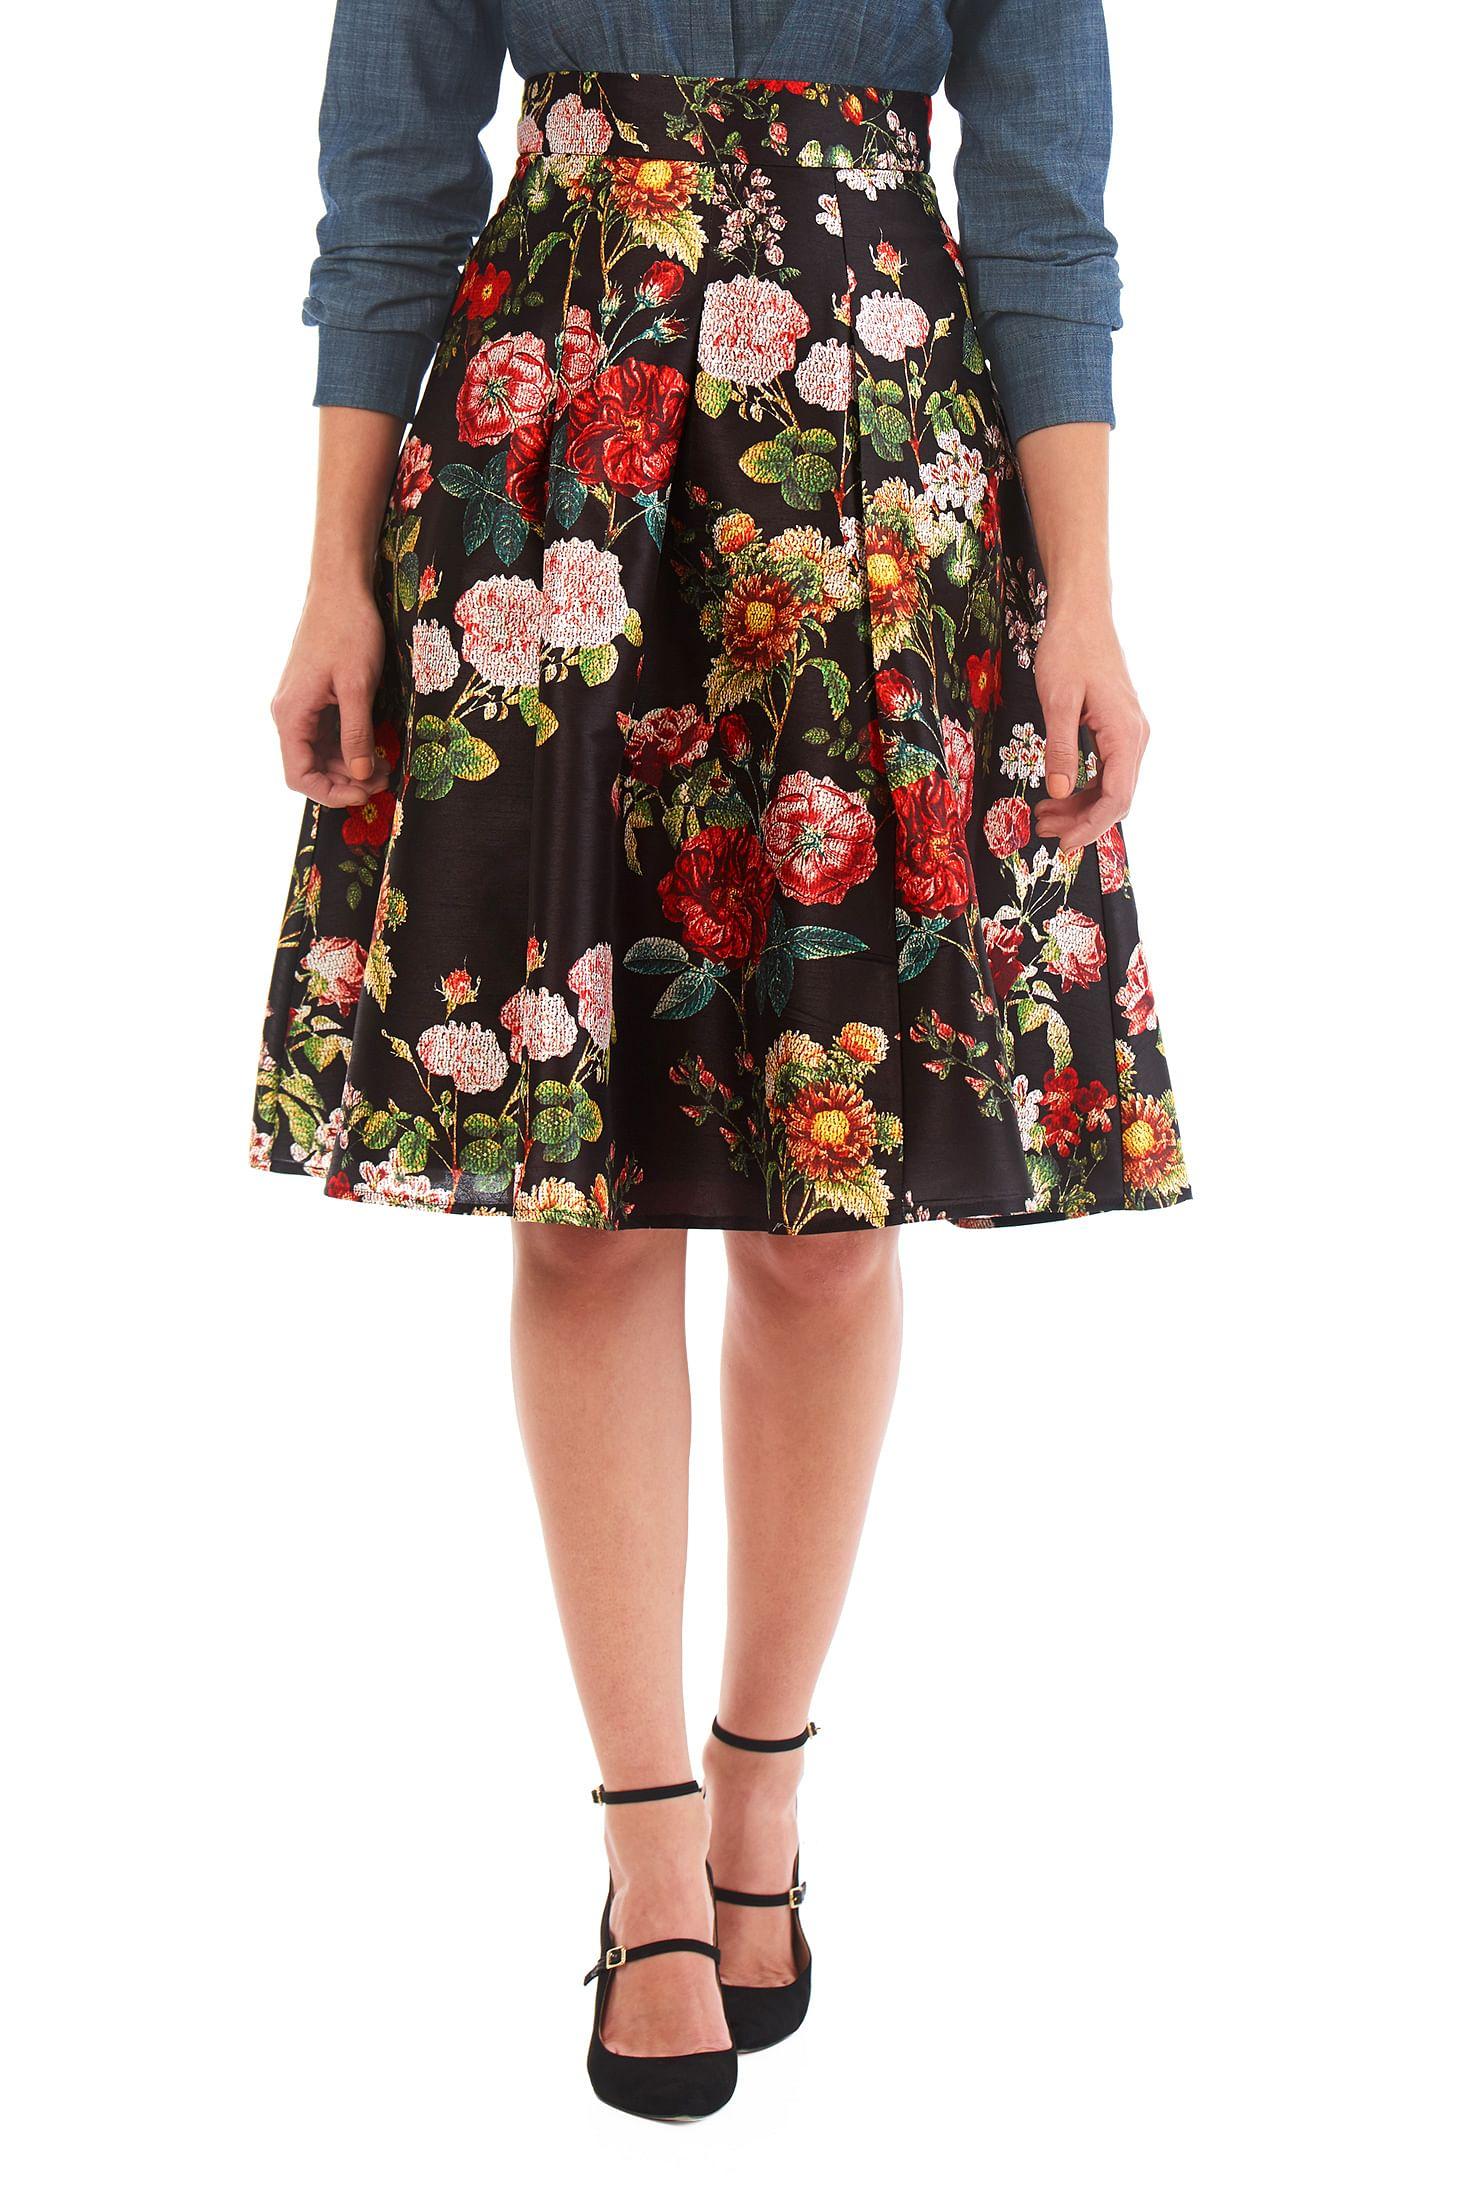 abe45c2e4 High Waisted Knee Length Pleated Skirt